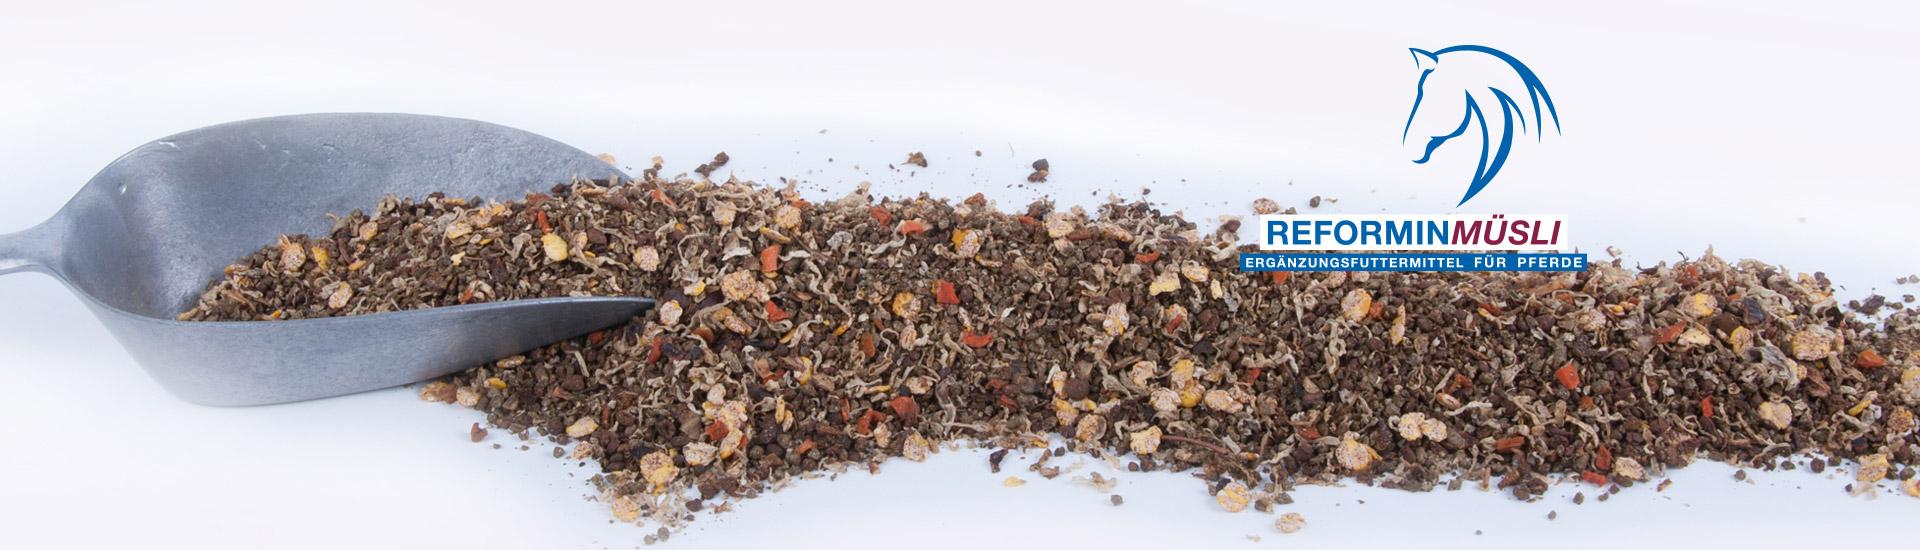 Reformin Müsli - Reformin Mineralfutter zur Ergänzung von Mineralien und Vitaminen